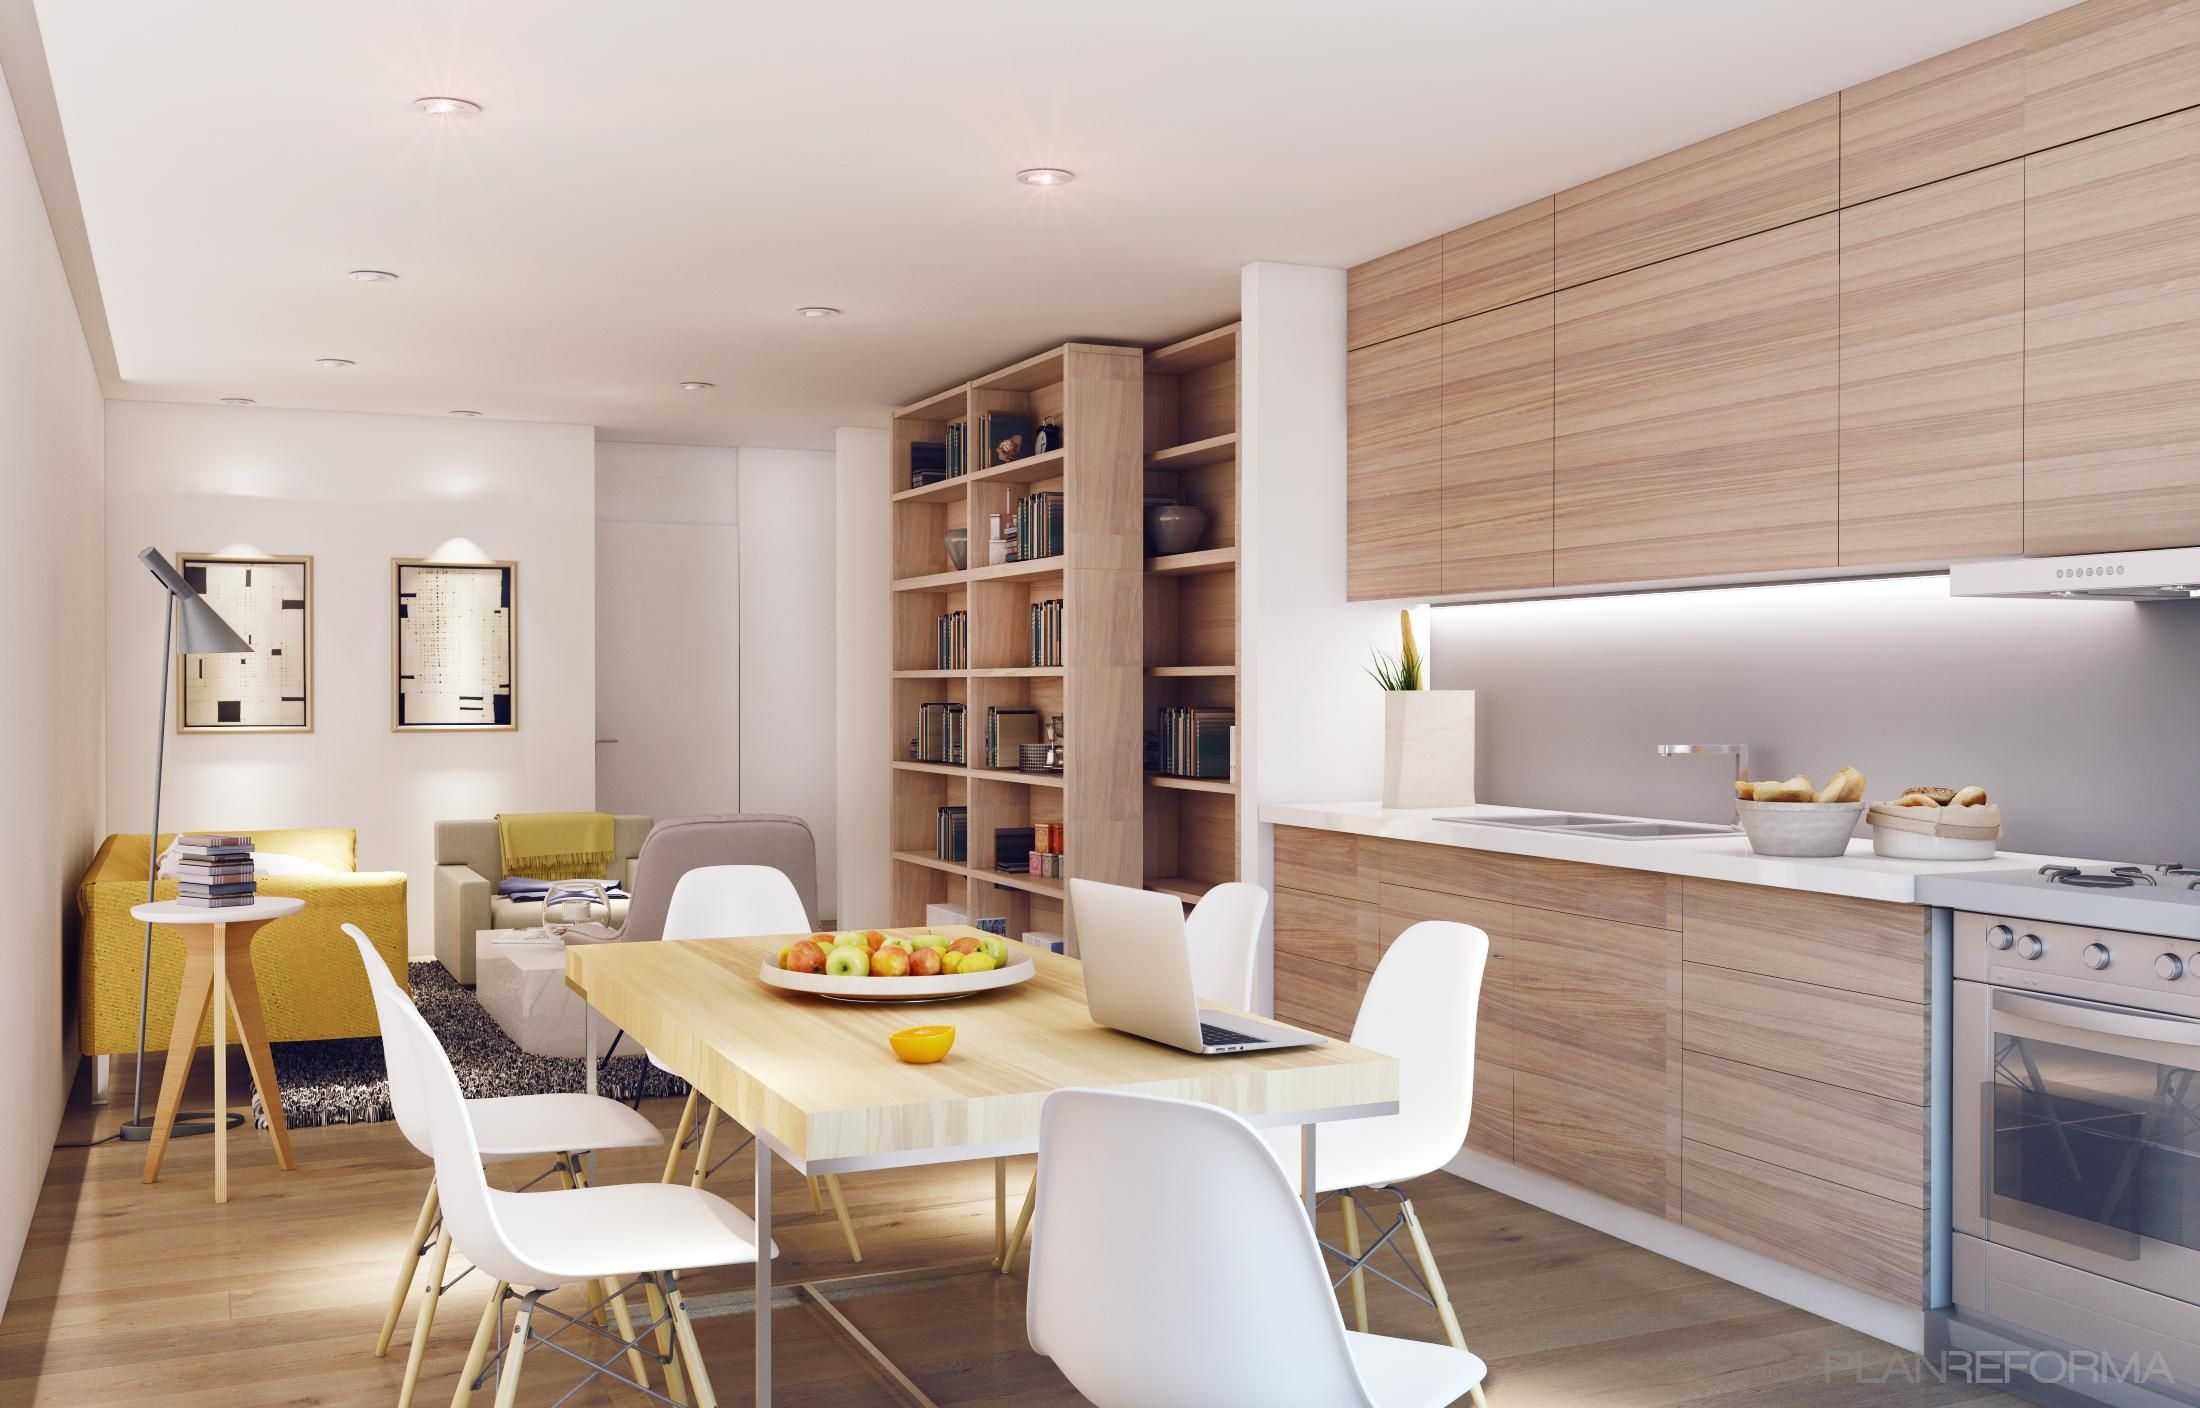 Es de pijos contratar un arquitecto o interiorista - Cocina comedor pequeno ...